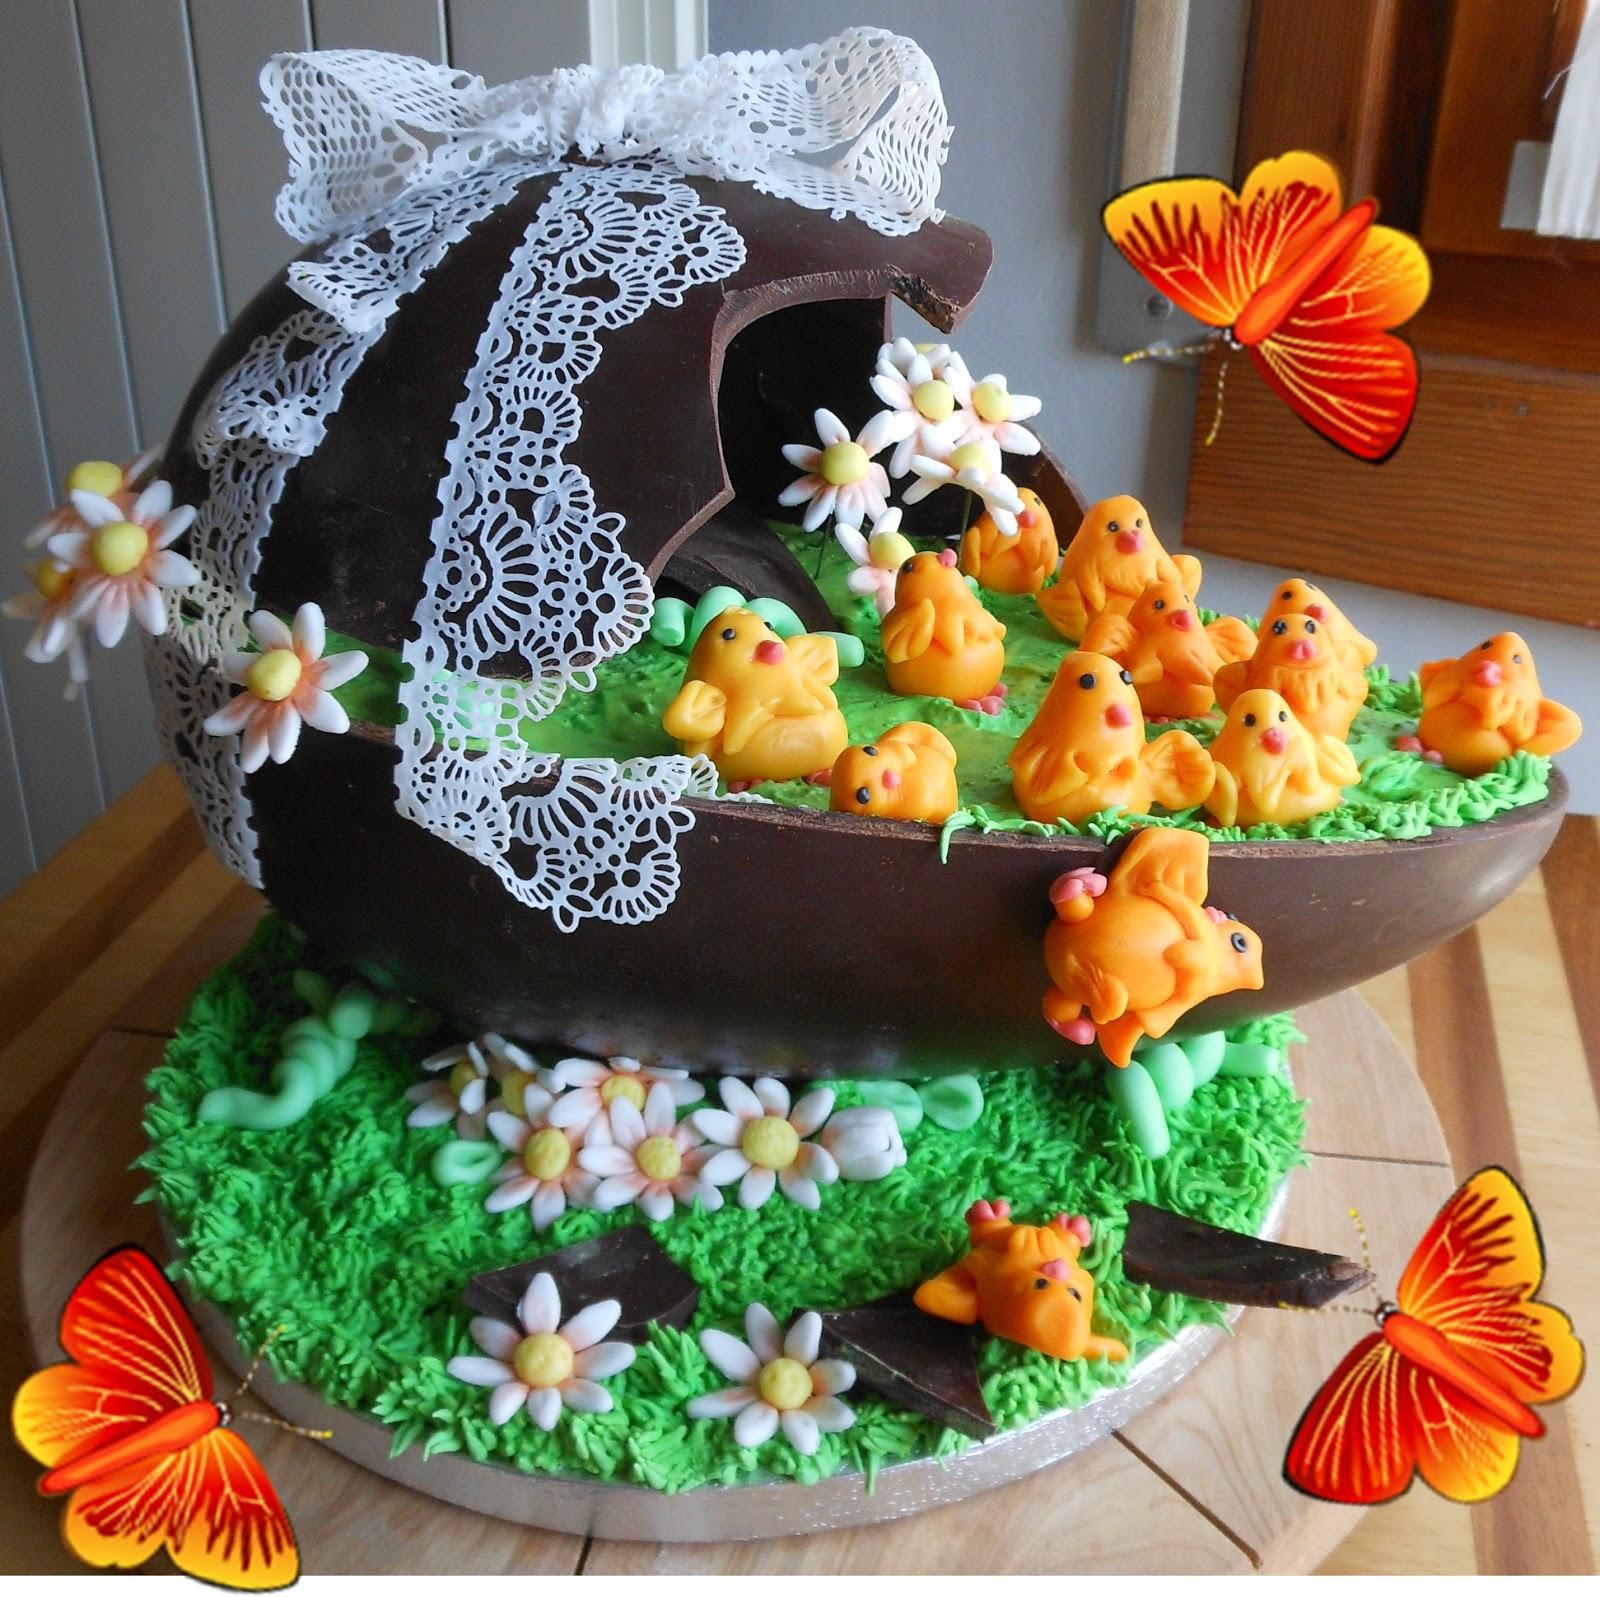 Rilassati e decora torta nell 39 uovo di pasqua - Decorazioni per uova di pasqua ...